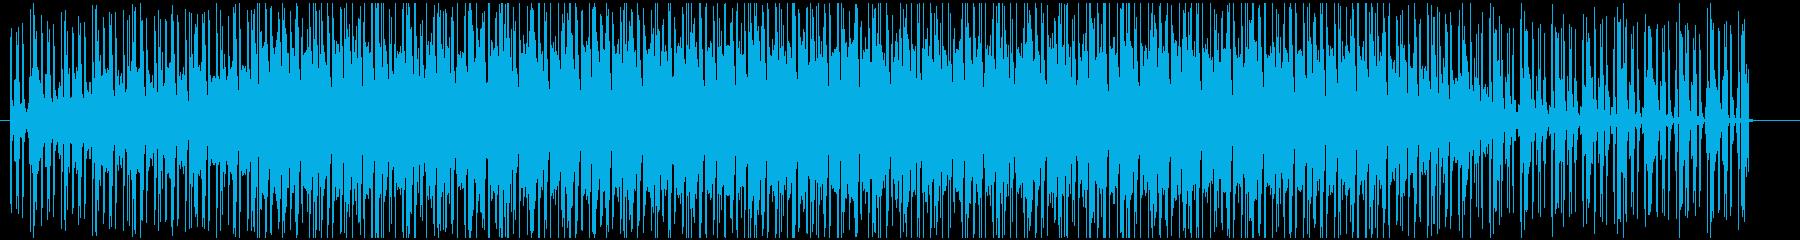 疾走感のあるかわいいエレクトロポップの再生済みの波形